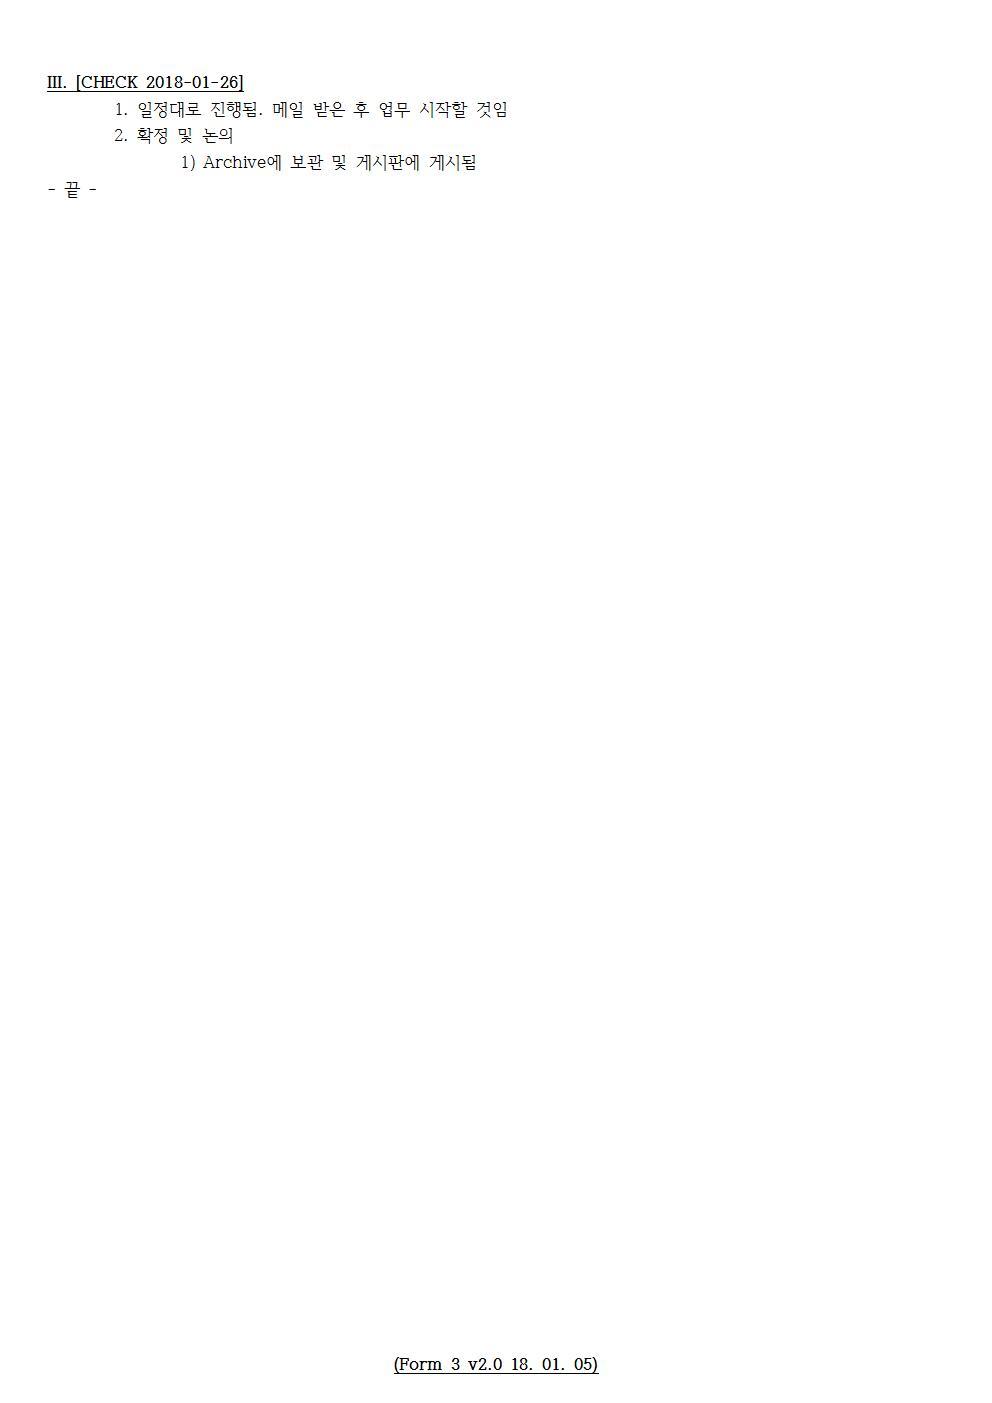 D-[18-008-PP-02]-[SoSSADONISCertification]-[2018-01-26][SH]002.jpg